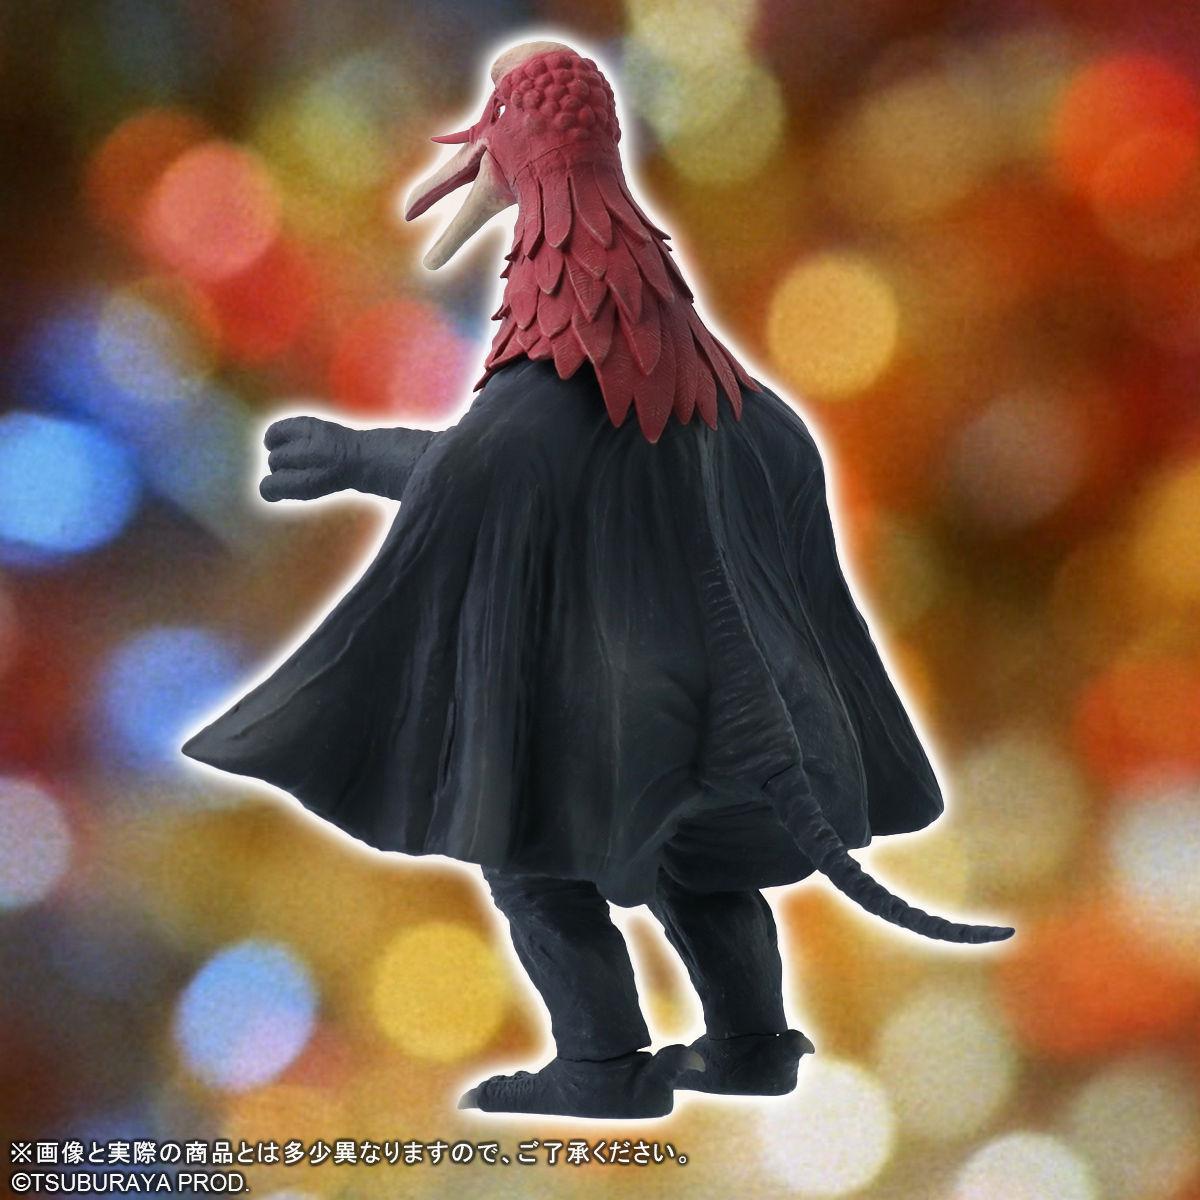 【限定販売】ウルトラ大怪獣シリーズ5000『テペト/テロチルス』完成品フィギュア-006